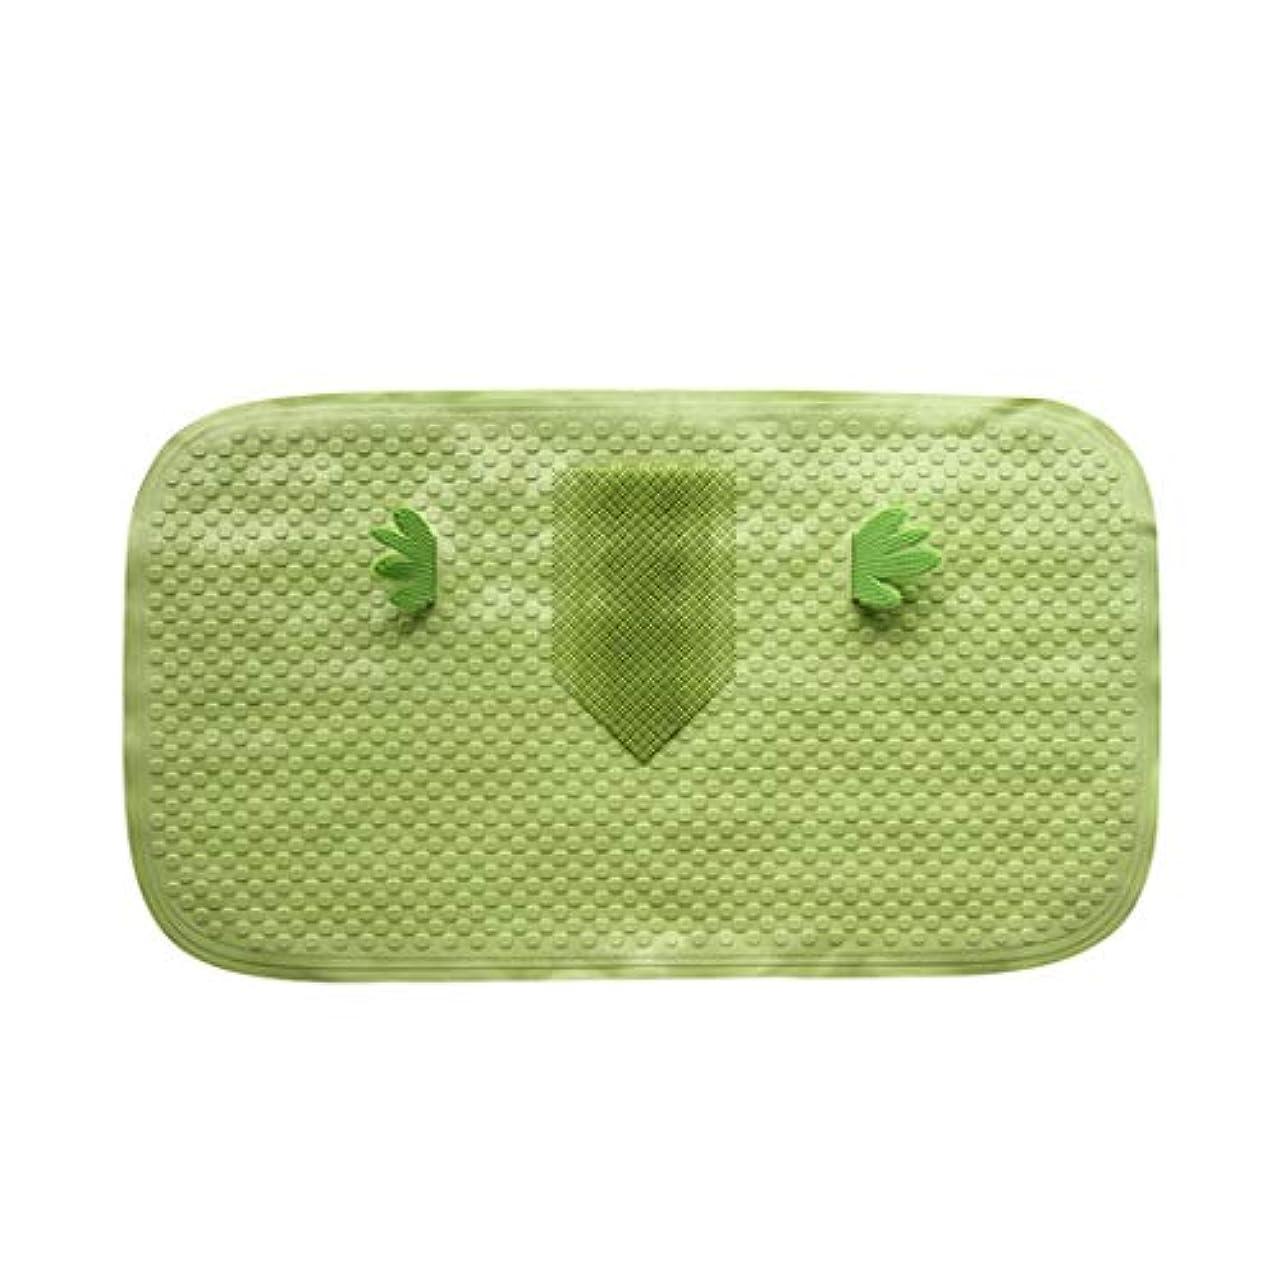 感染する特徴づける公平なSwiftgood バスシャワー浴槽マットスクエア、洗濯機で洗えます、抗菌、バスルームマット付き排水